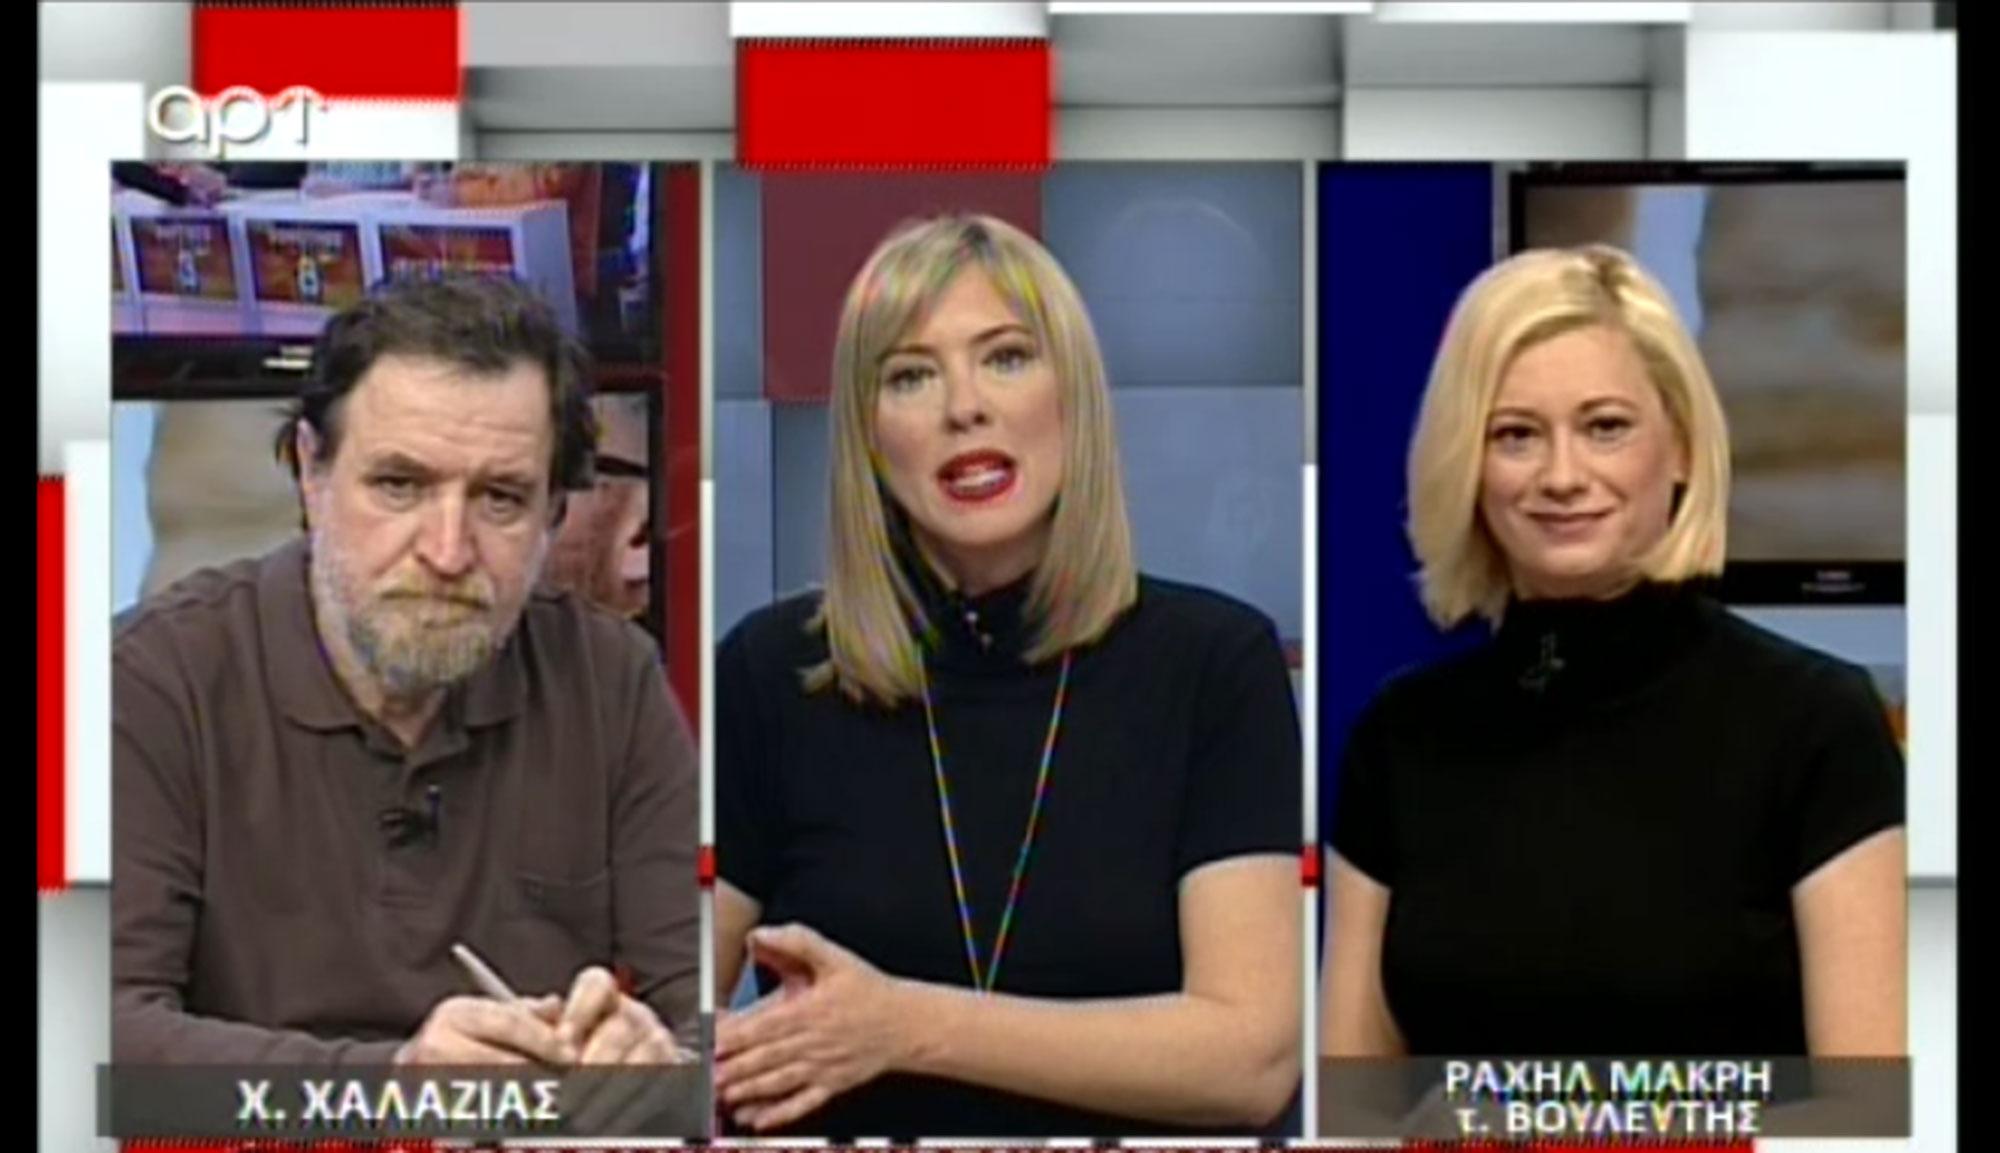 Η Ραχήλ Μακρή στην εκπομπή «Αρτηρία» με την Φρατζέσκα Σαββοργινάκη στο ΑΡΤ | 20.01.2017